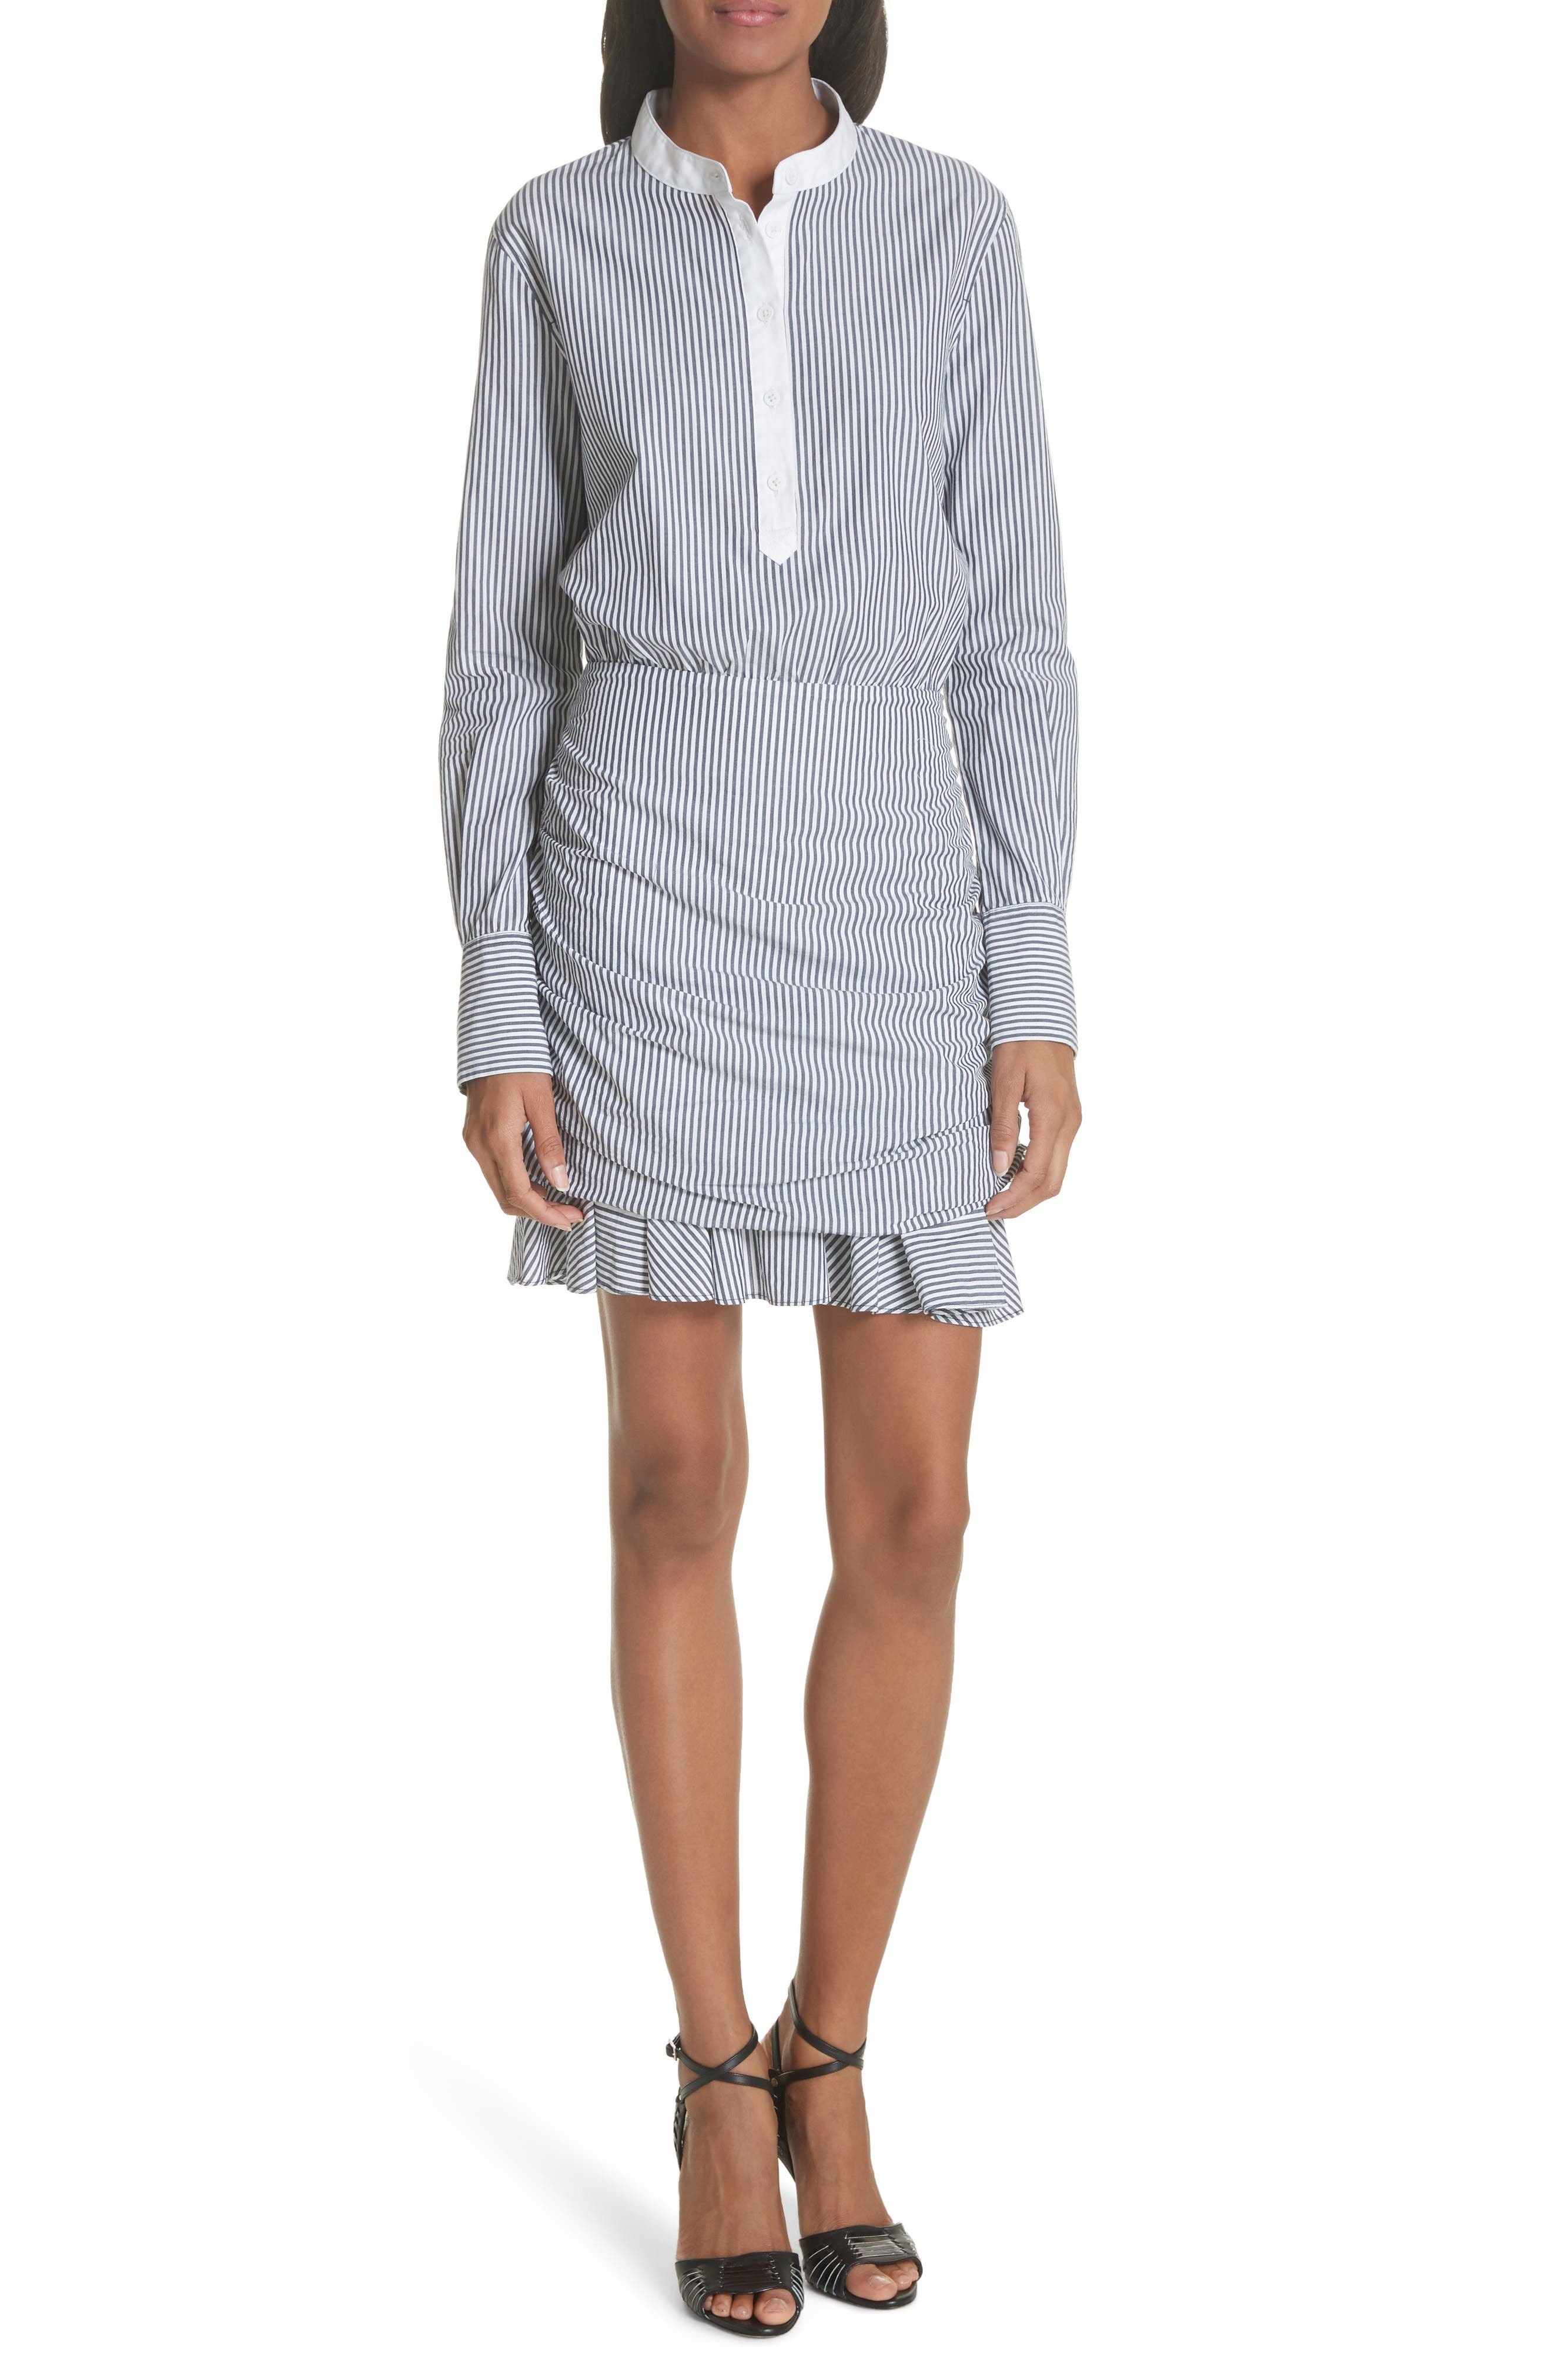 Everett Stripe Shirtdress,                             Main thumbnail 1, color,                             Black/ White Stripe